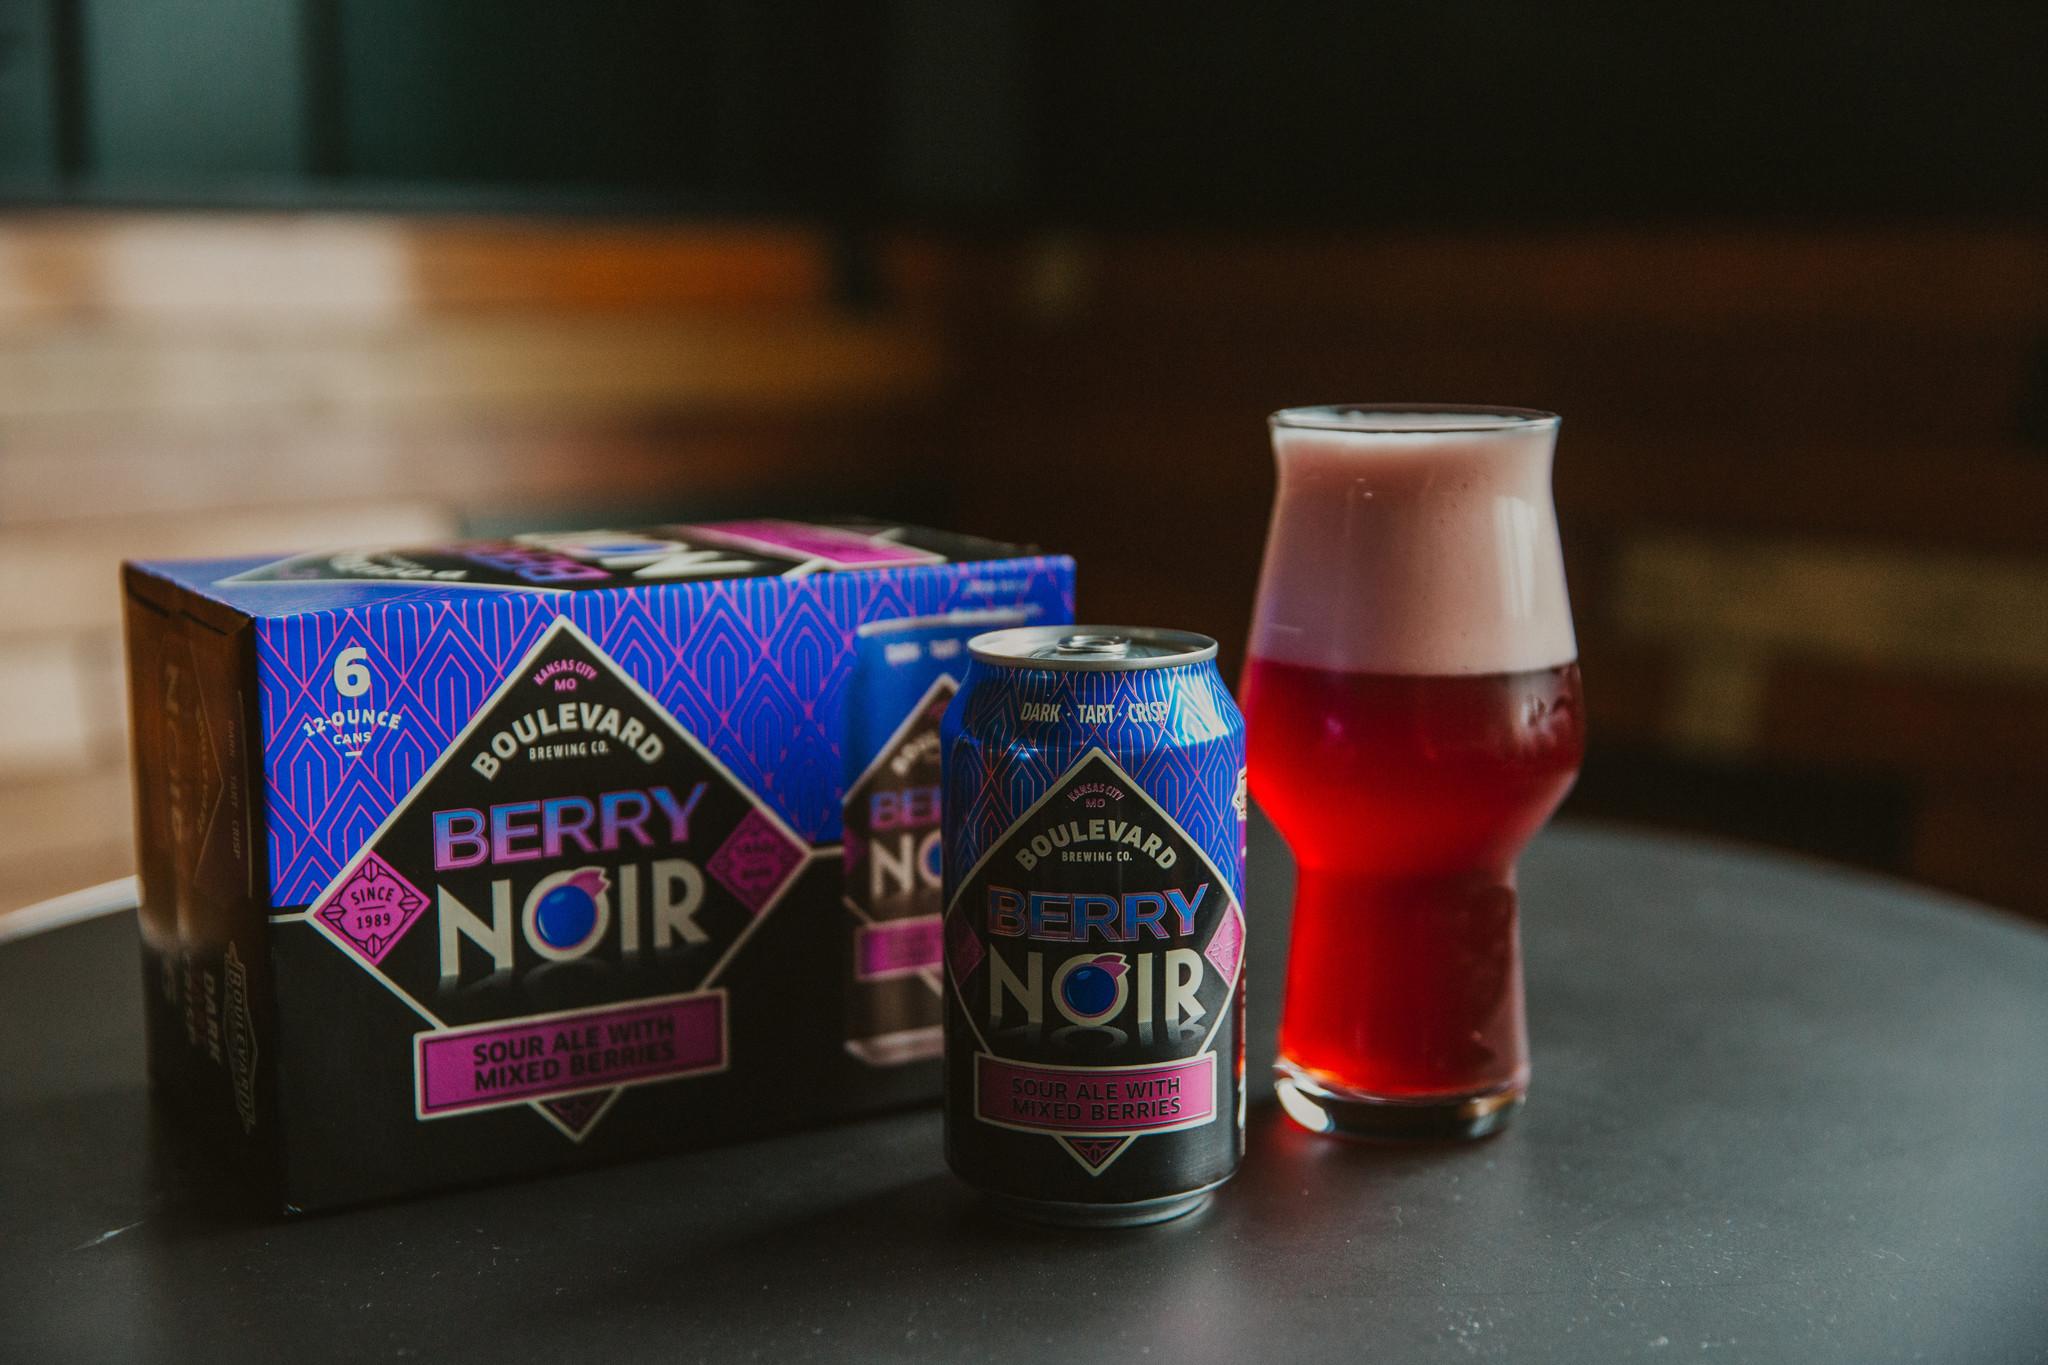 Berry Noir Six Pack 12 oz Cans